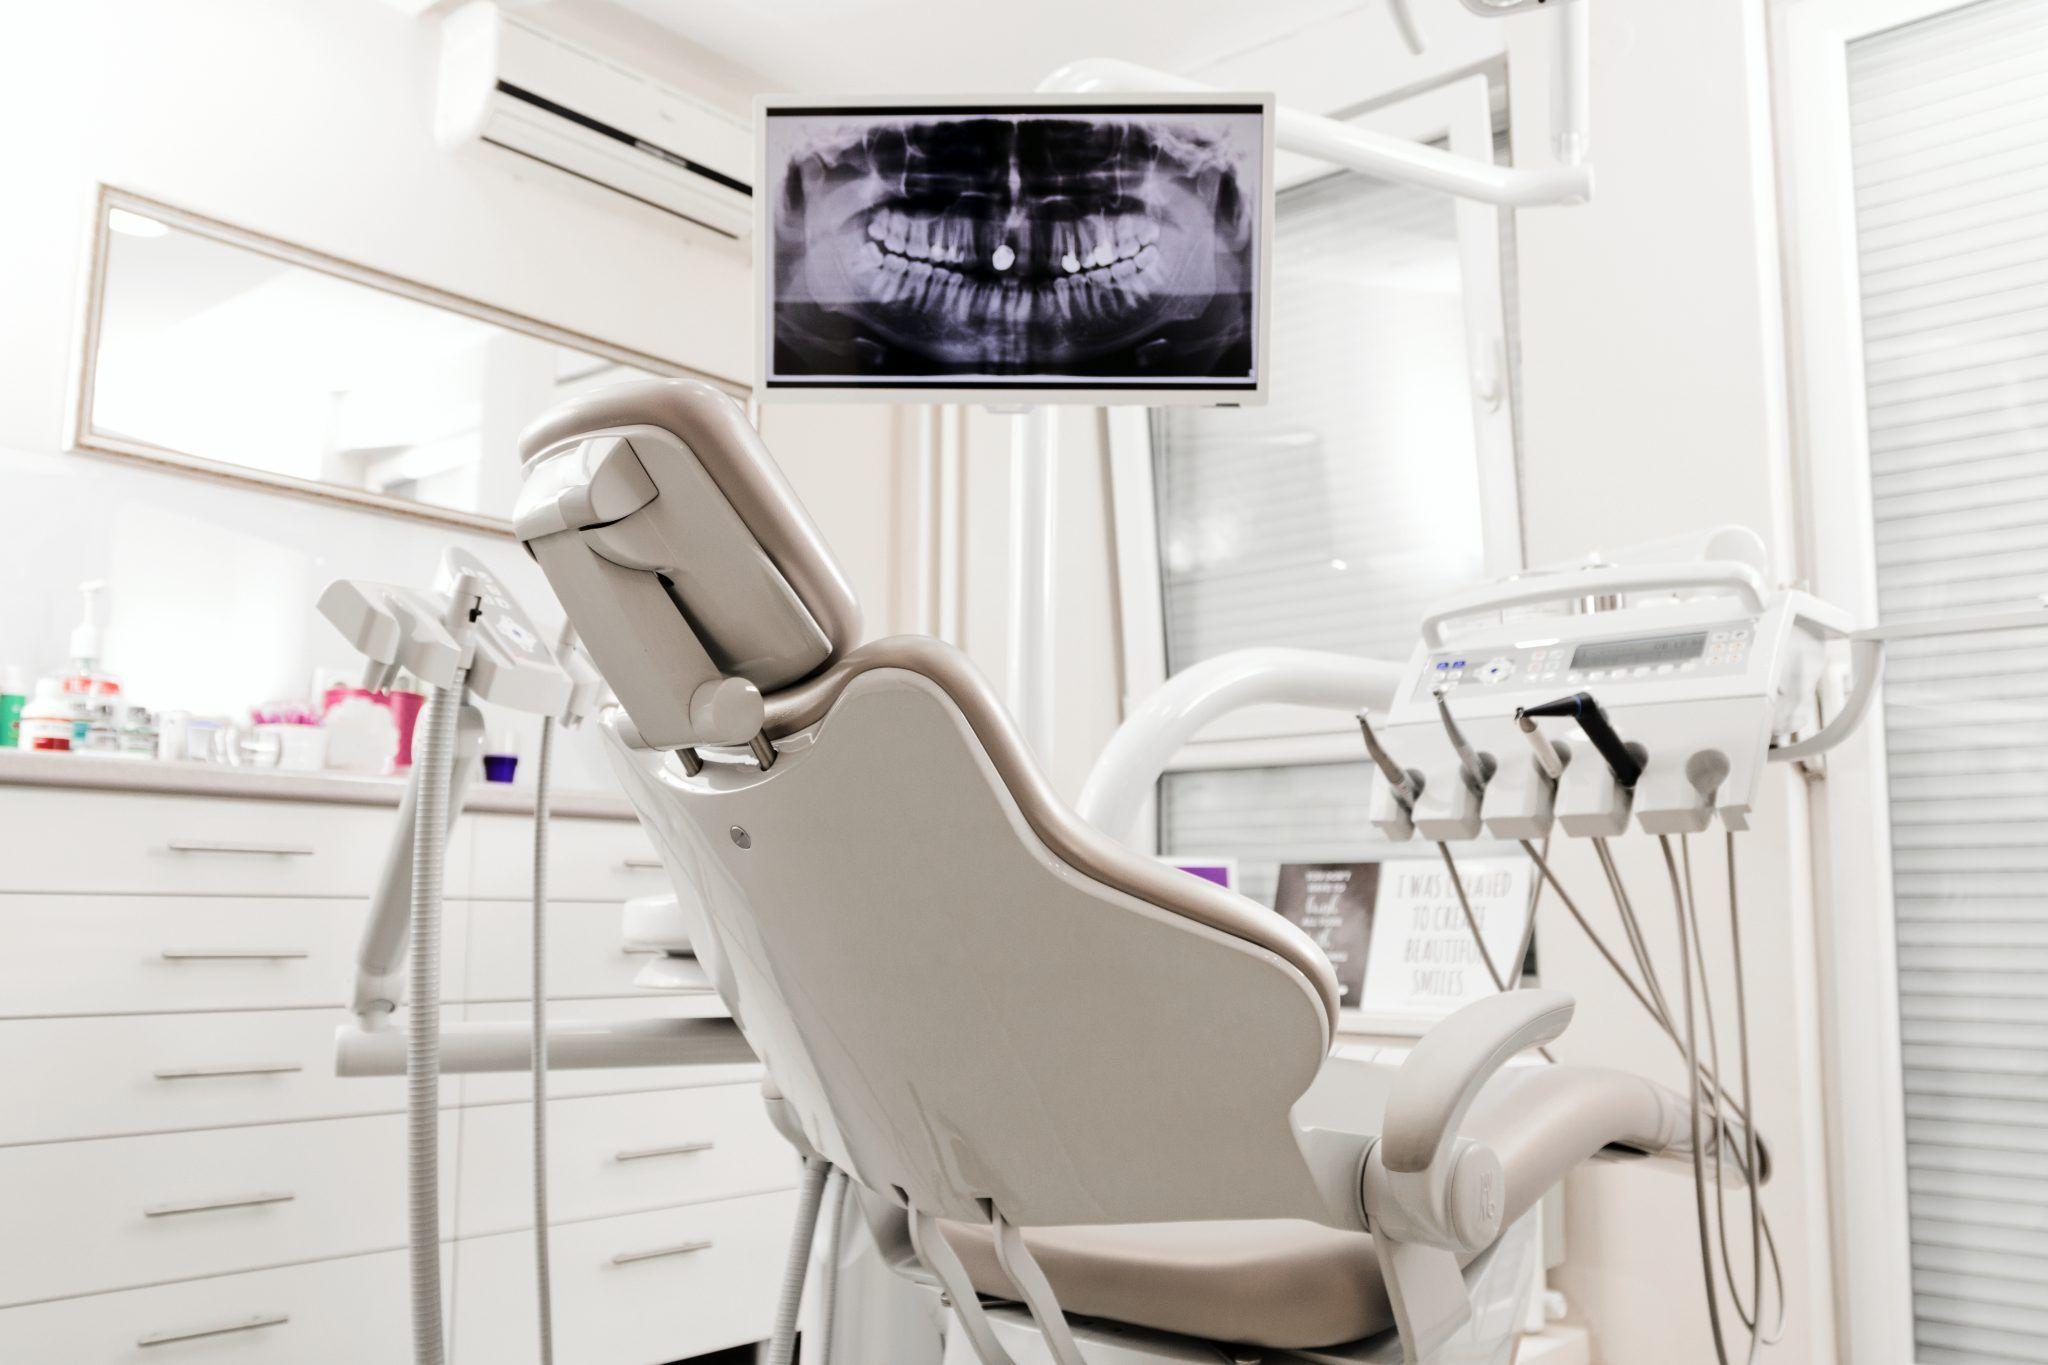 Consultório dentista, cadeira, instrumentos e radiografia no monitor